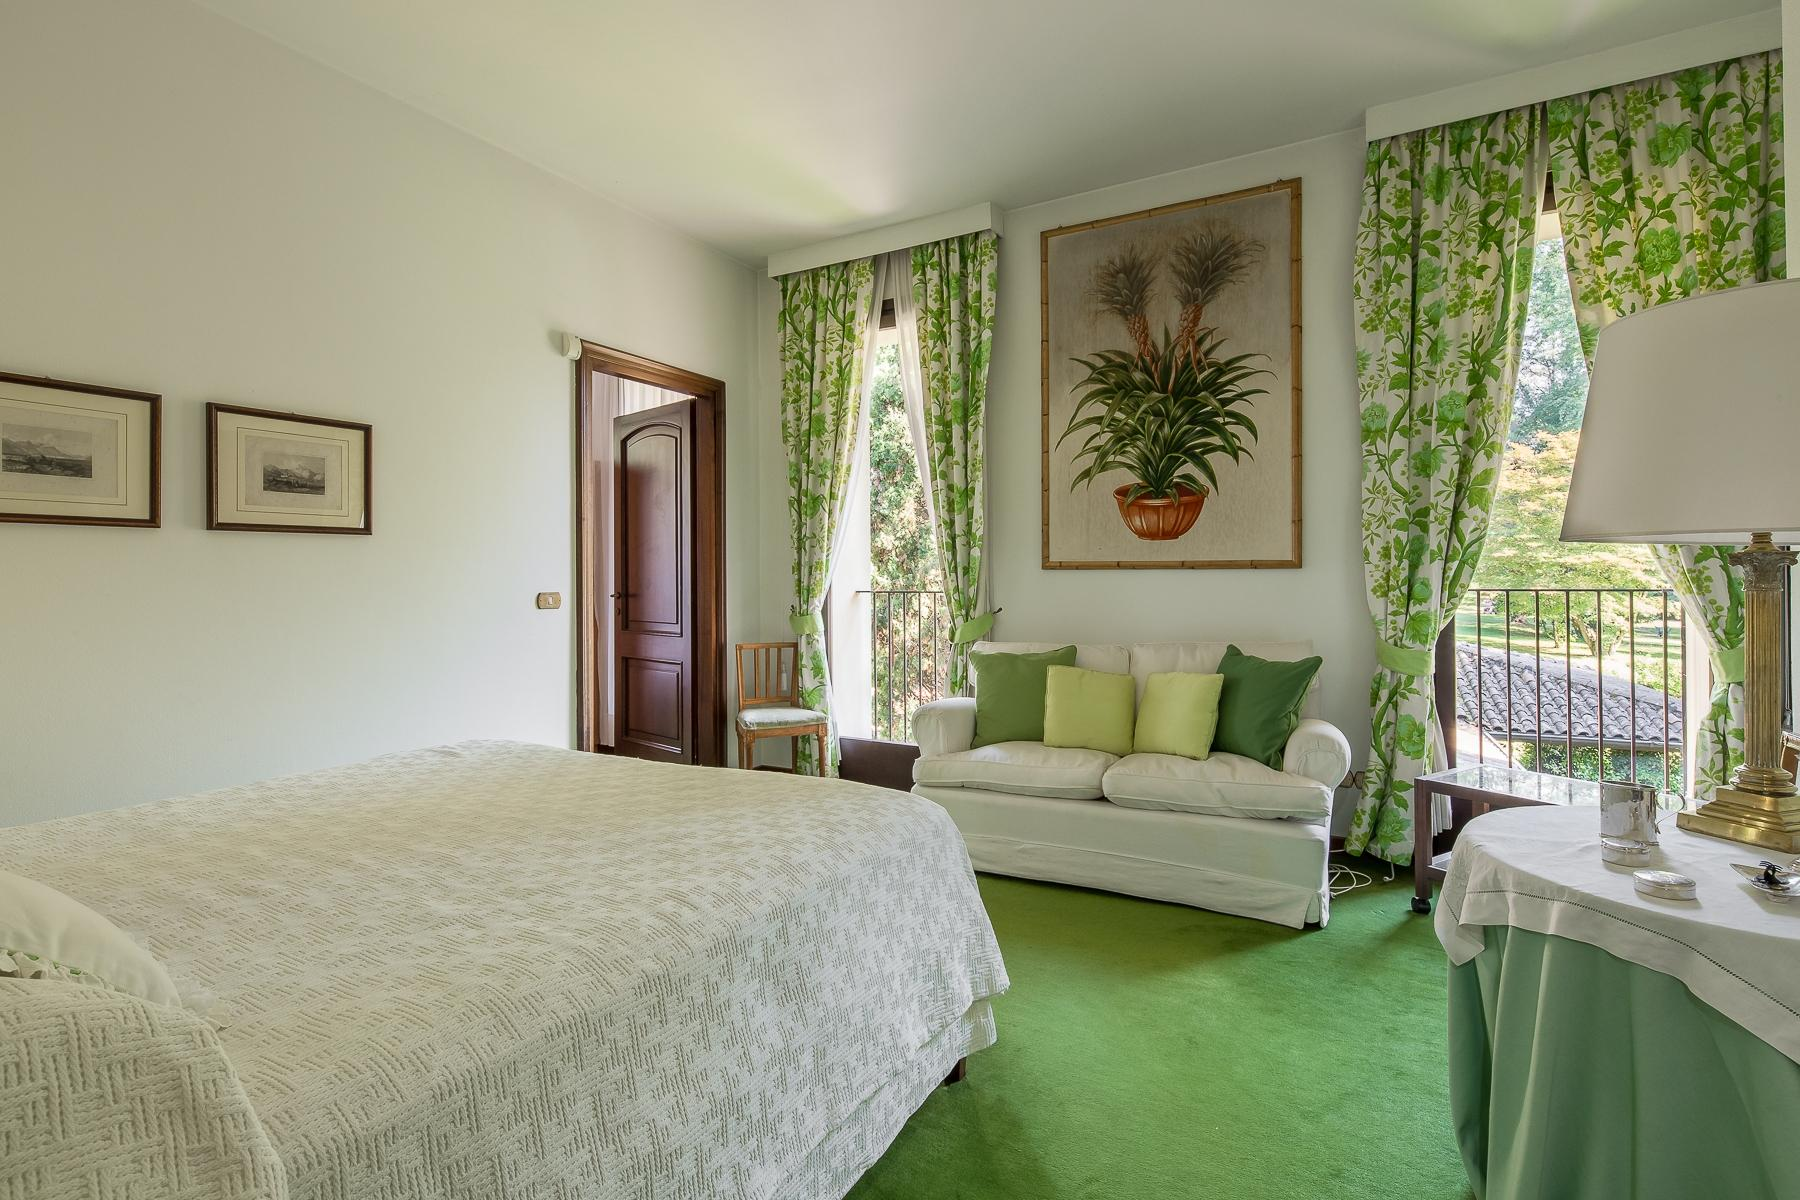 位于Ticino河岸边配有游泳池的别墅 - 27